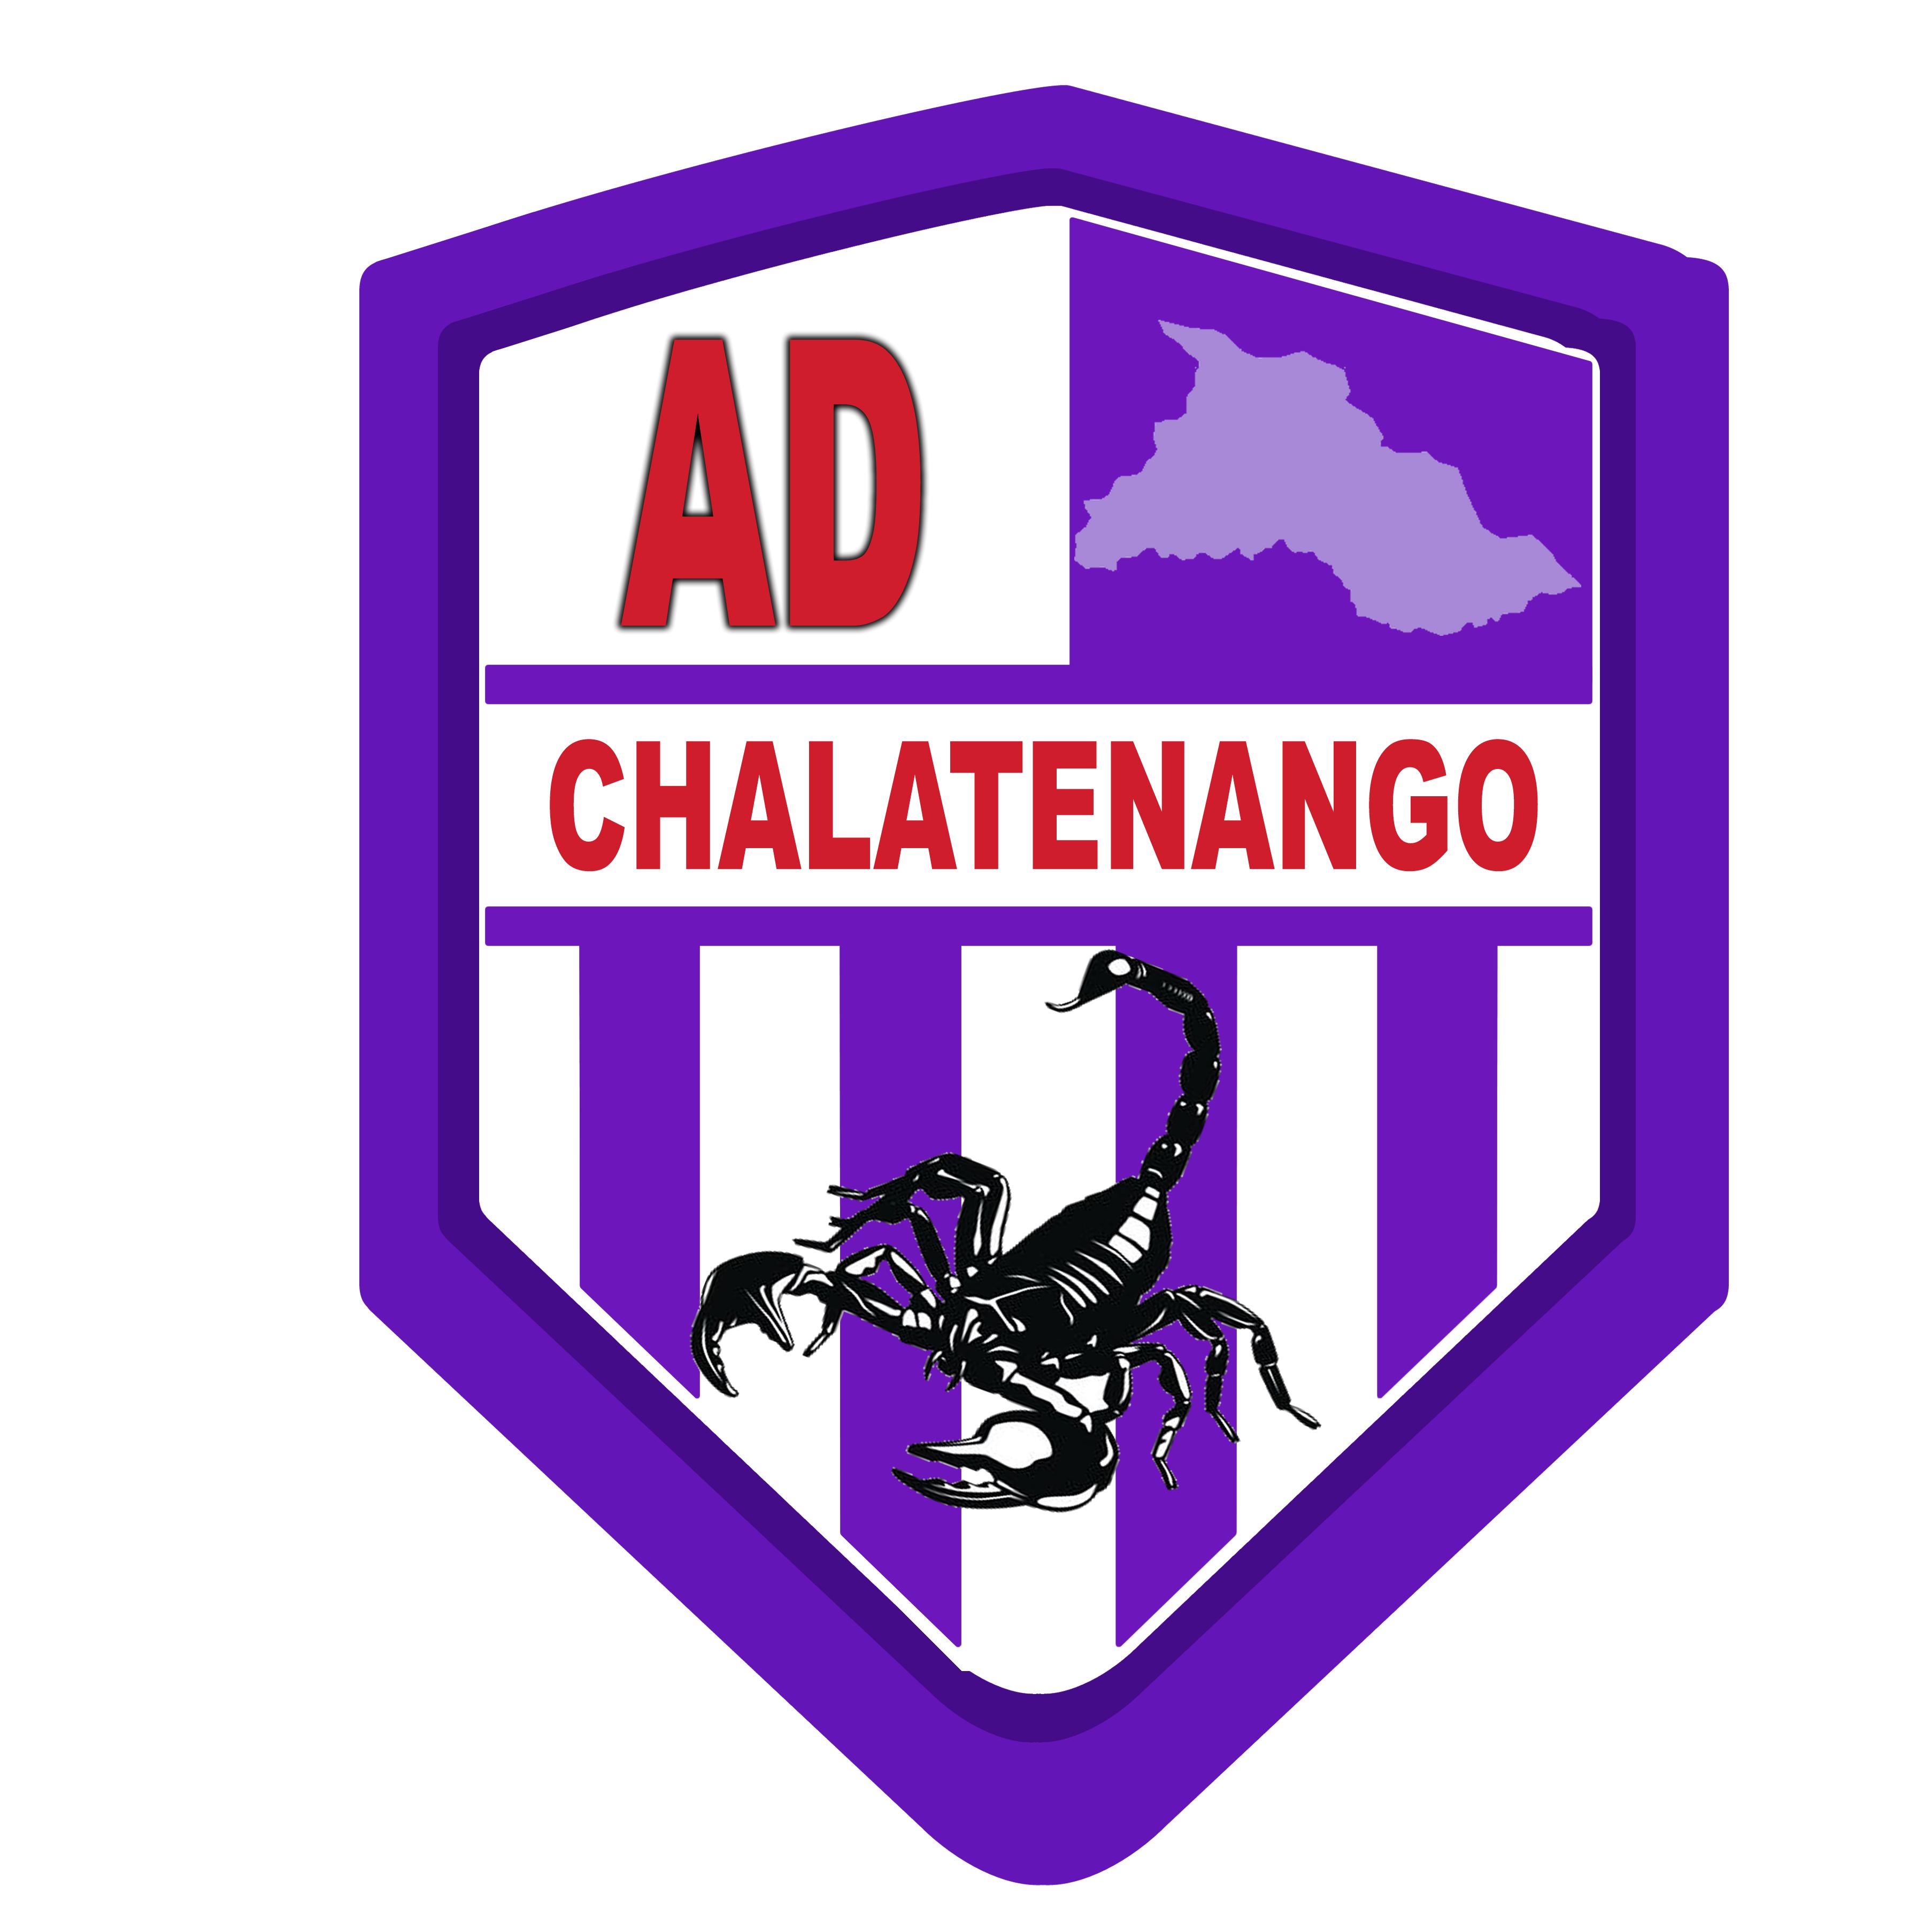 Ad Chalatenango